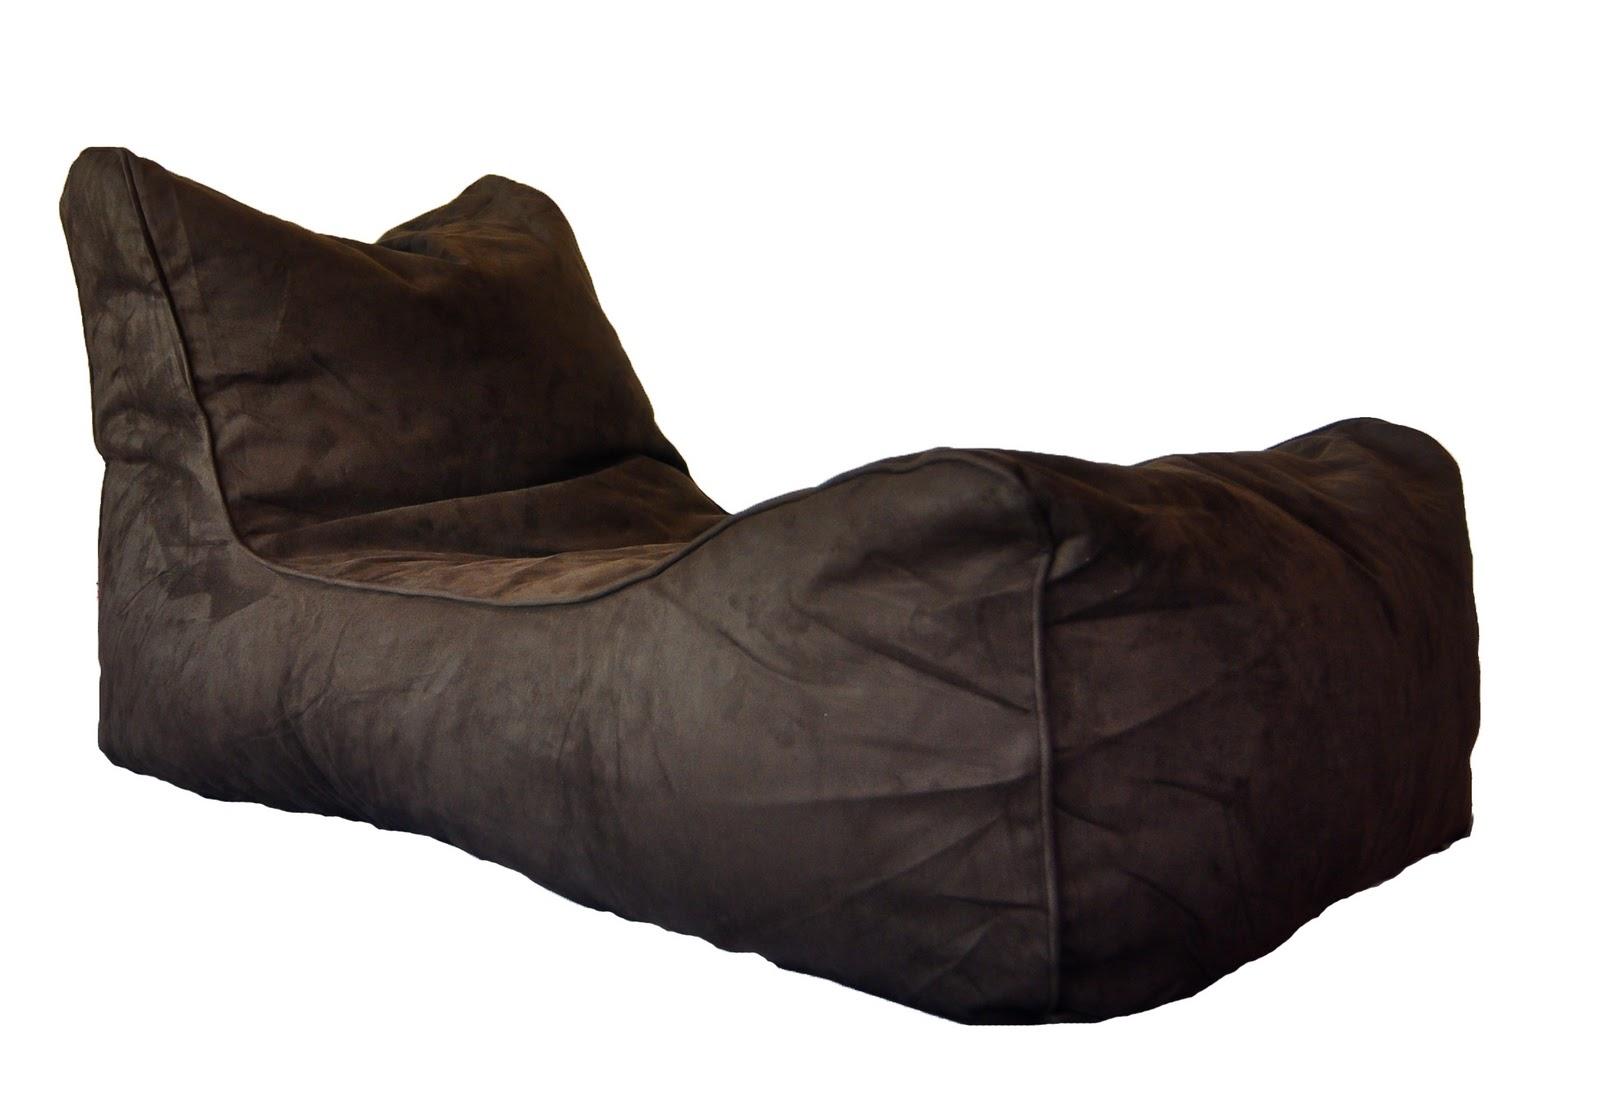 Affordable Bean Bag Chairs Chair Cover Rentals Macon Ga Bags Cheap Malaysia